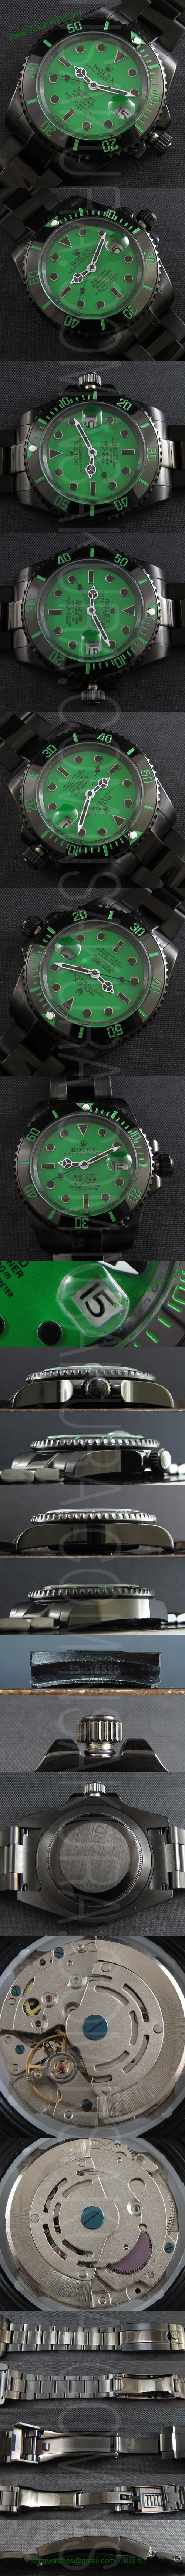 ロレックス 2015JIAJ904 コピー 時計